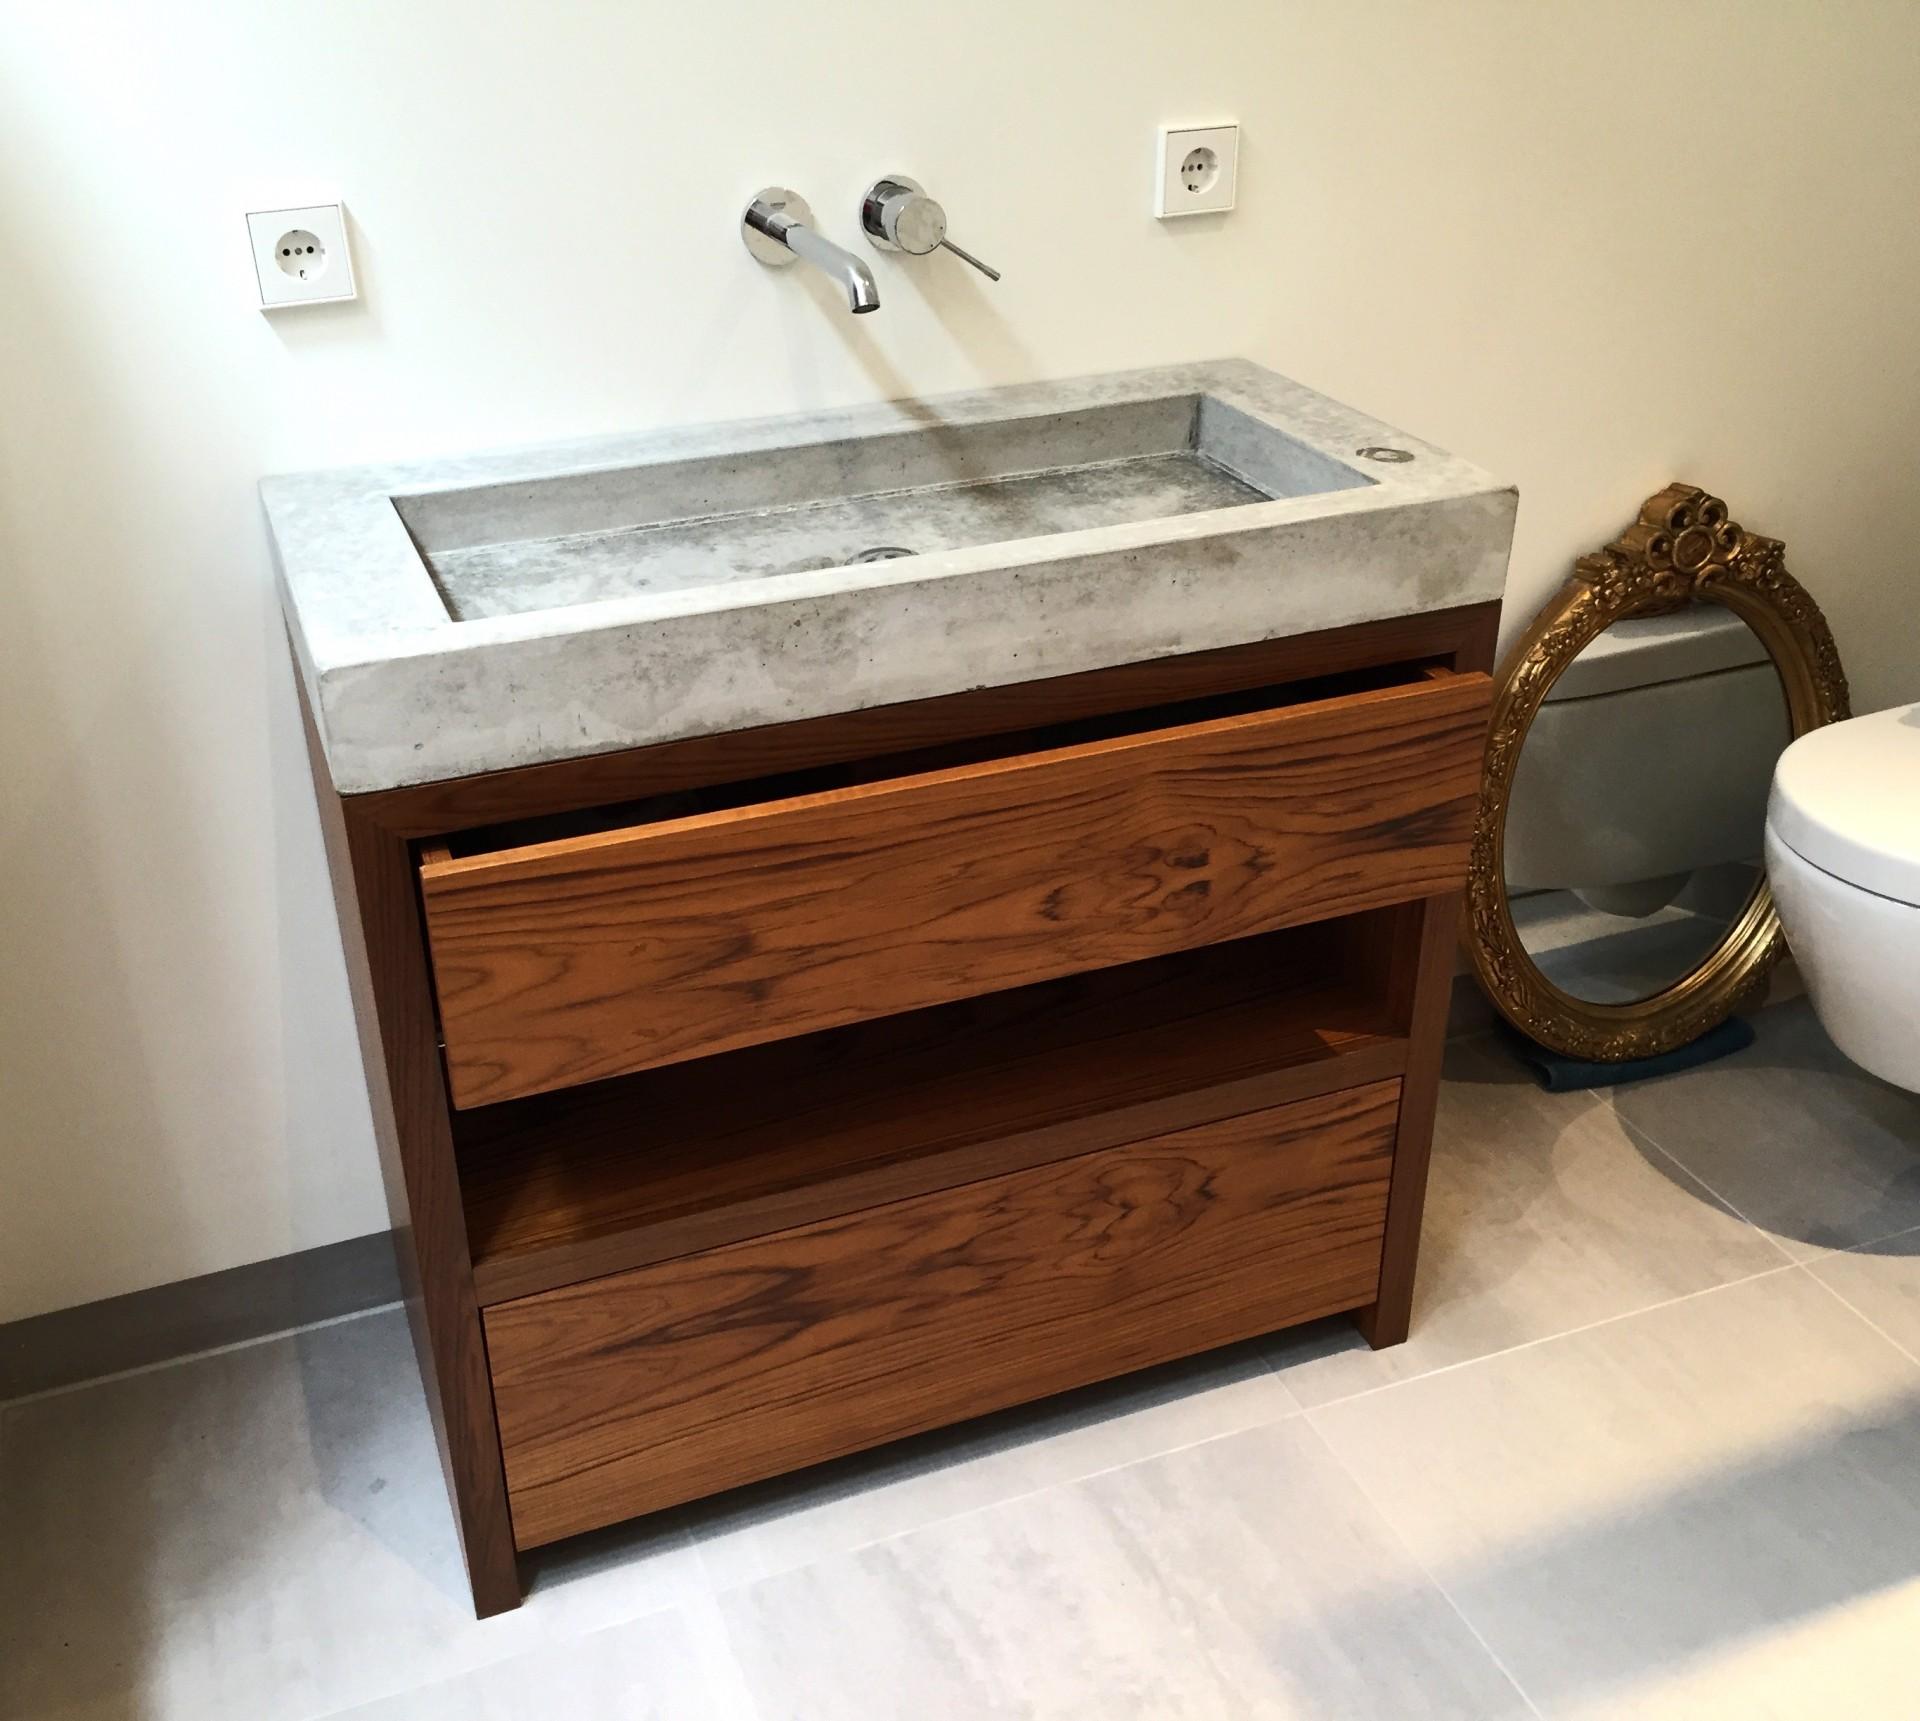 Badkamer kast – Jaap van Ulden